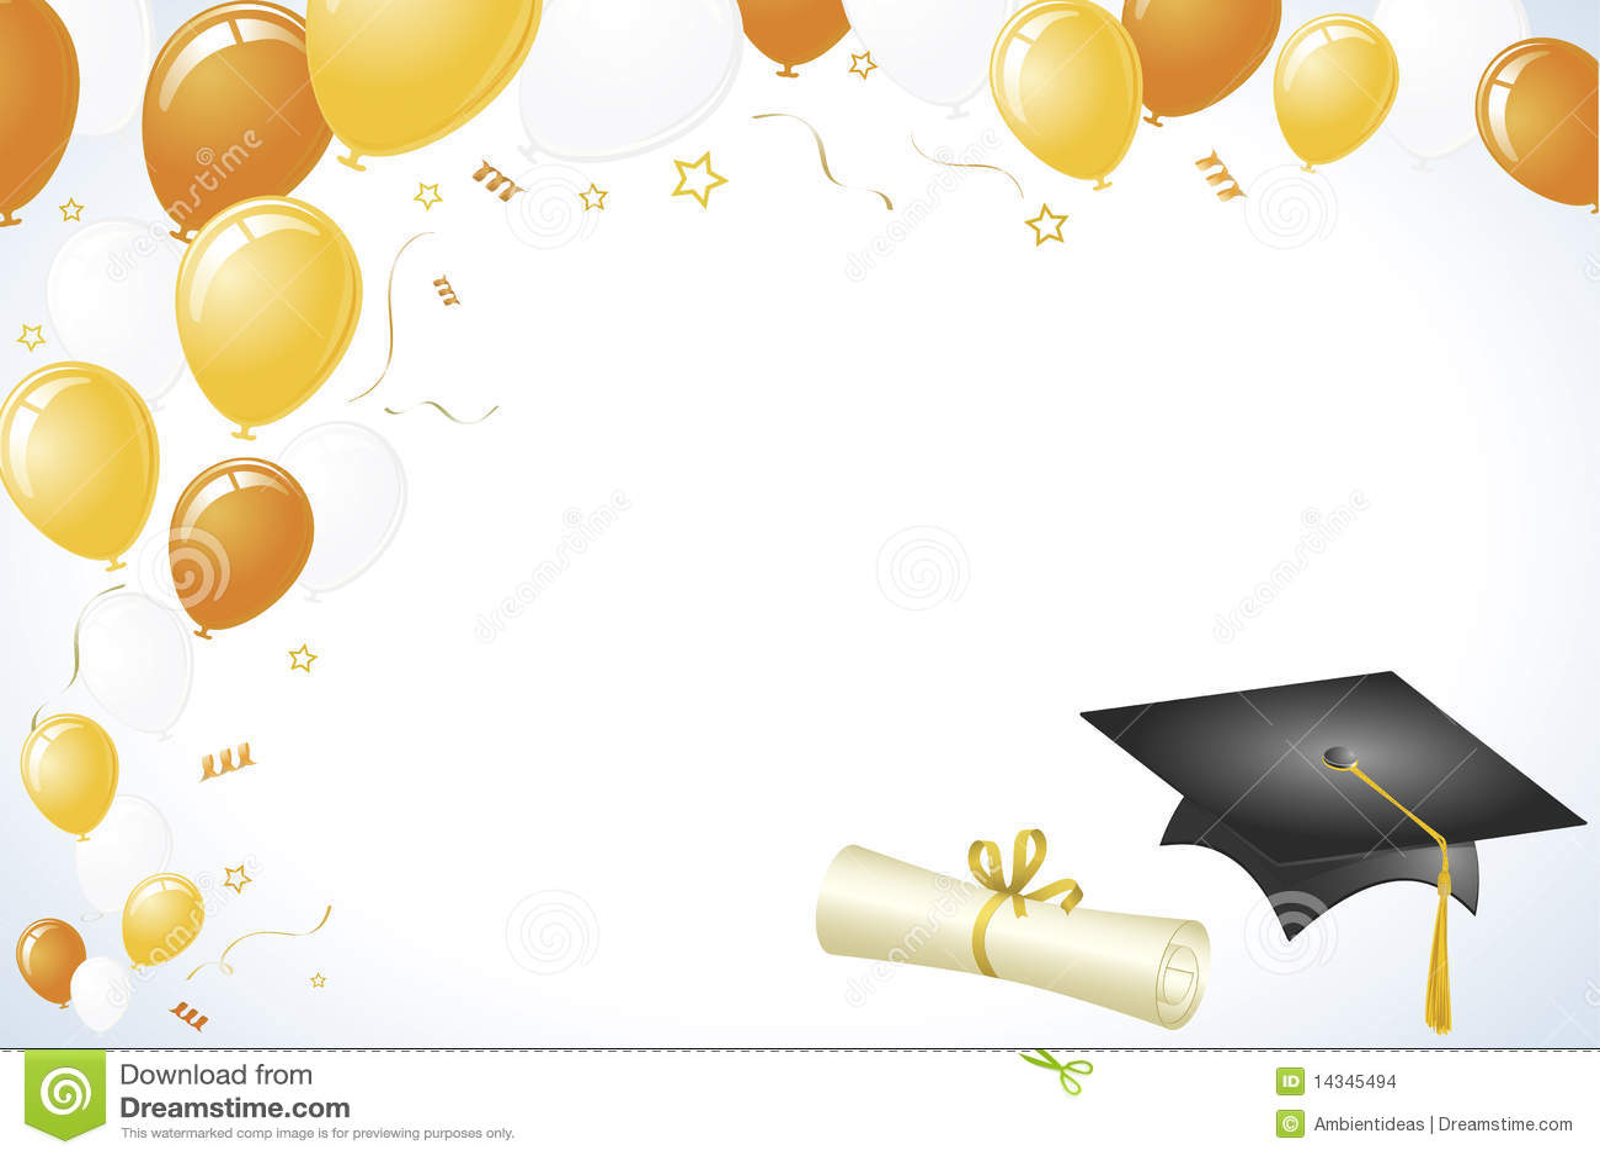 Imagenes De Archivo  Dise  O De La Graduaci  N Con Oro Y Globos